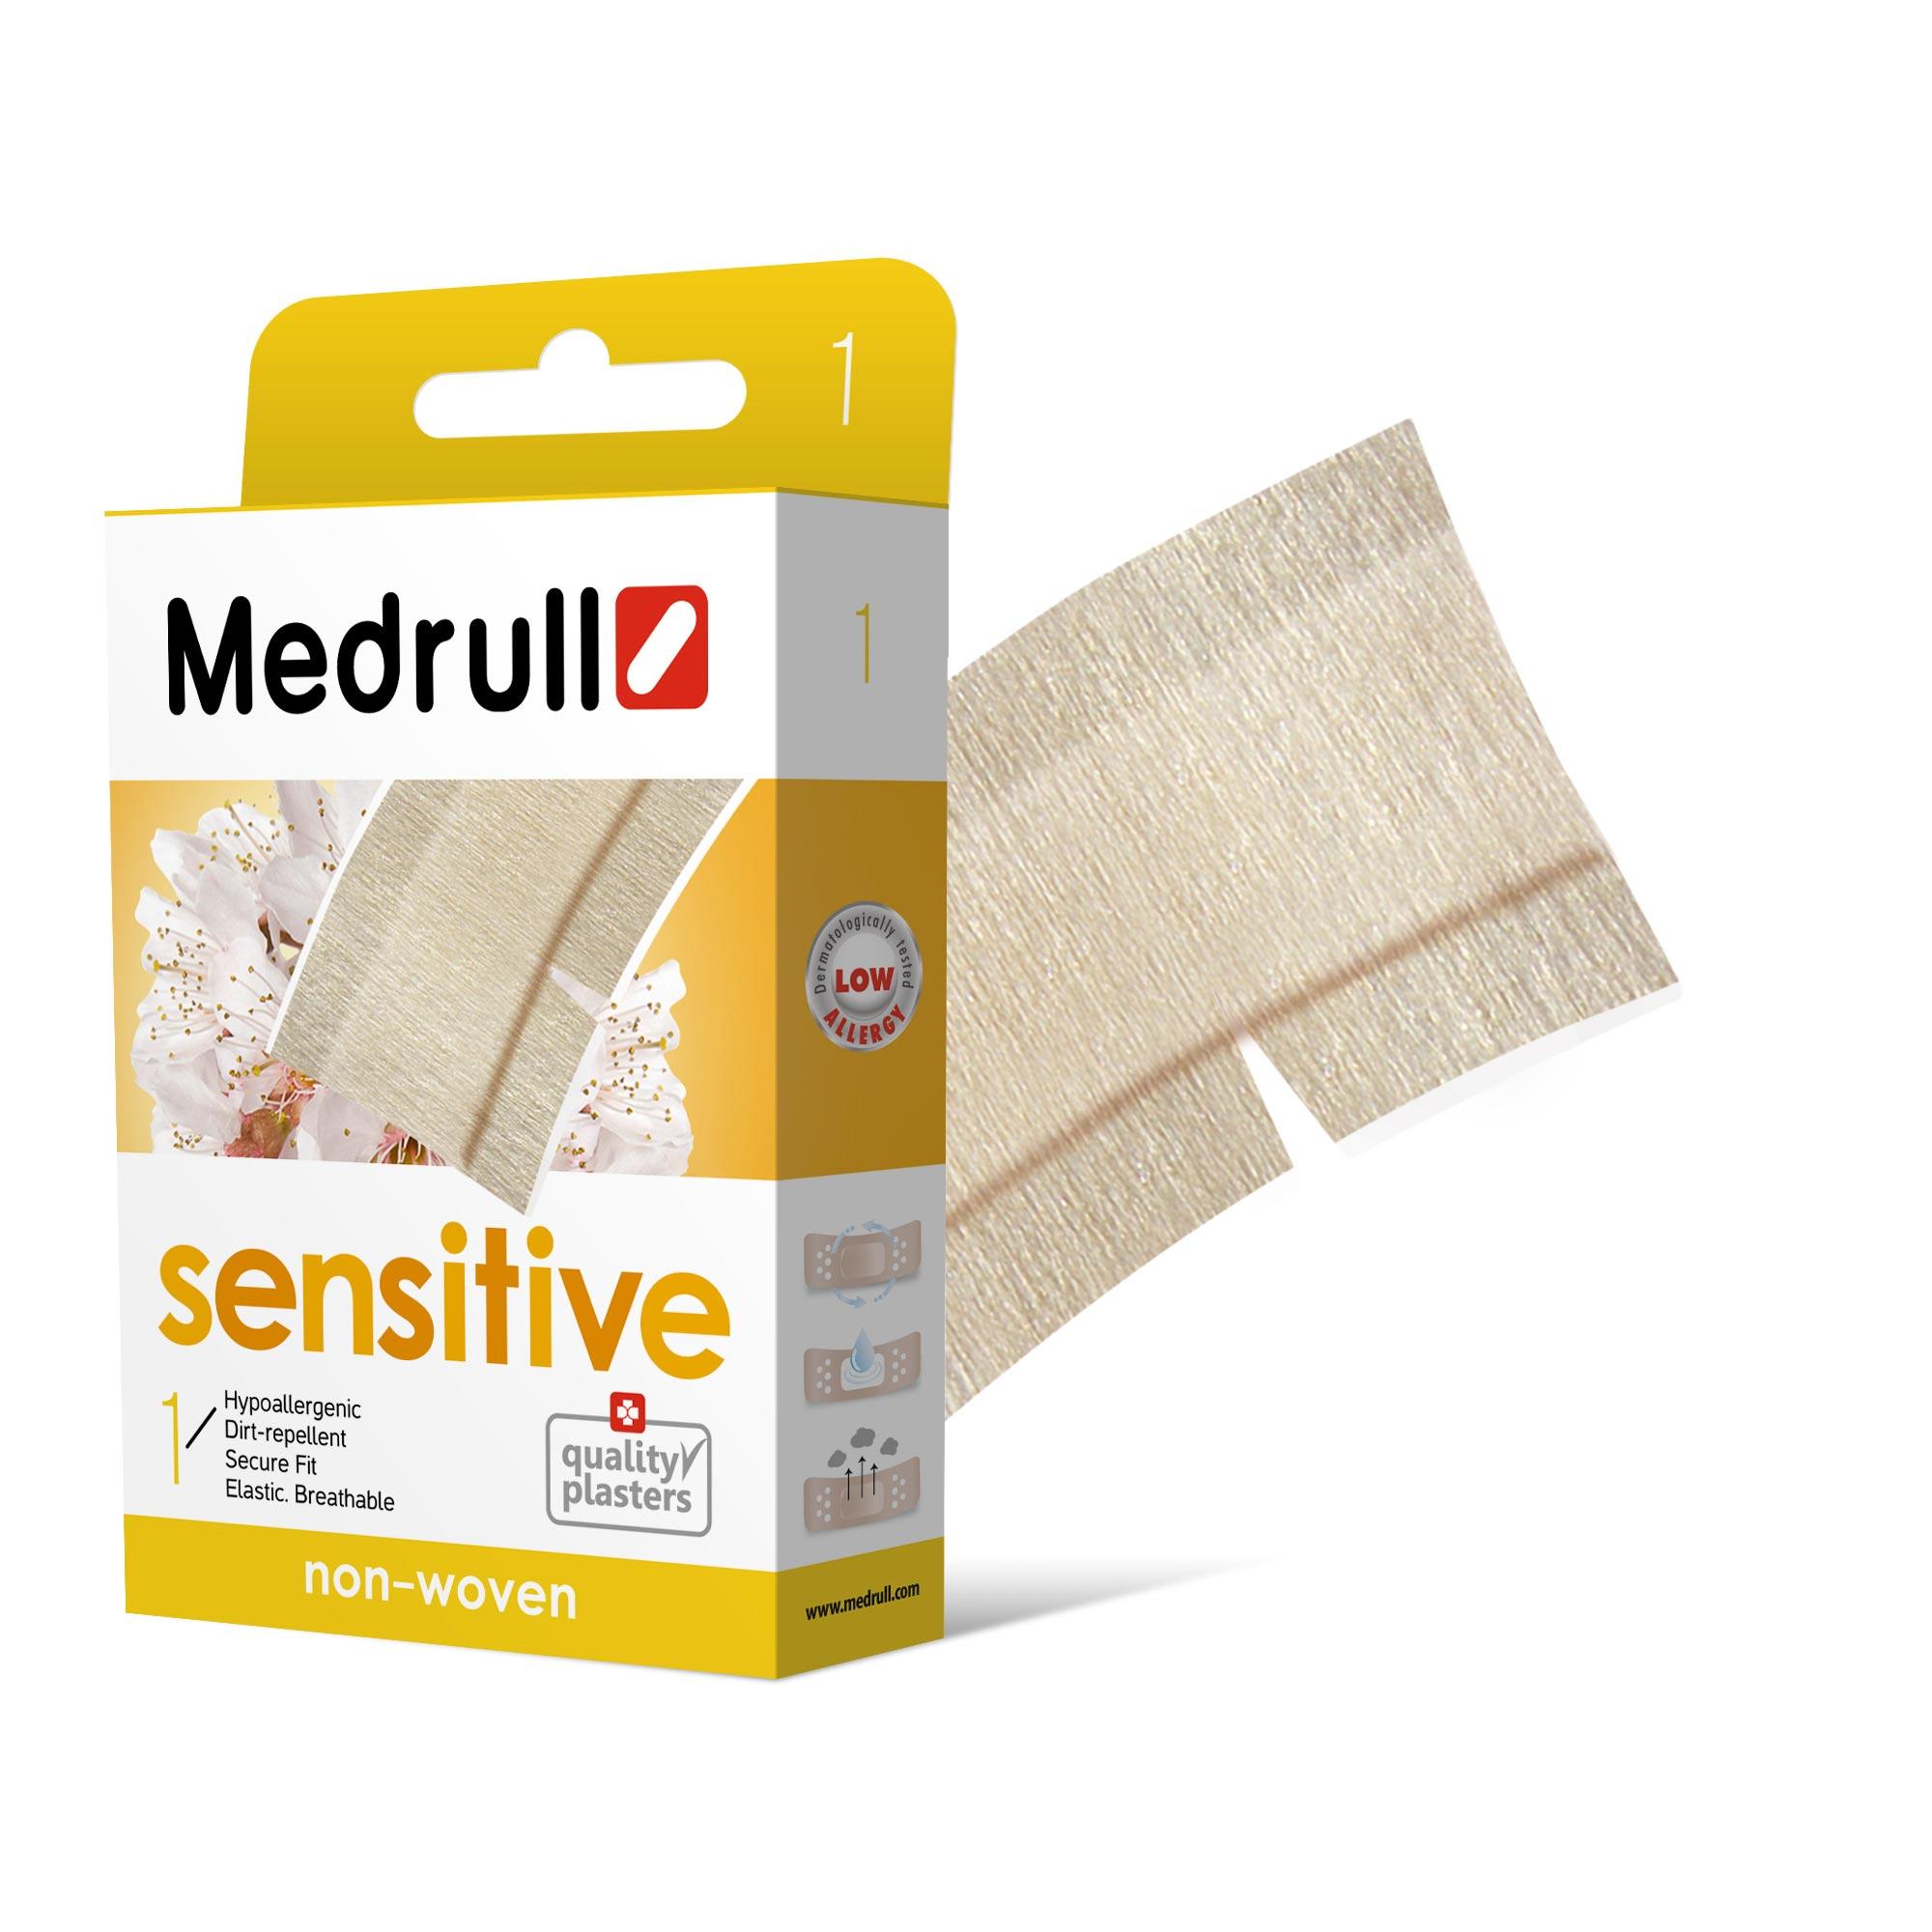 Medrull Пластырь Sensitive, размер 50 см x 6 см, №14260071590039Гипоаллергенные пластыри, предназначены для людей, кожа которых чувствительна к факторам окружающей среды. Изготовлены из тонкого, нетканного, приятного для кожи материала. Cостав материала - 100% нетканный полиэстр. Не рекомендован при чувствительности кожи к составу материала данного пластыря. Свойства пластыря: гипоаллергенные, грязенепроницаемые, эластичные, дышащие, плотно прилегающие. Абсорбирующая подушечка изготовлена из вискозы и обладает высокой впитываемостью. Верхняя часть подушечки обработана полипропиленом, что защищает от вероятности прилипания пластыря к поврежденной поверхности кожи.